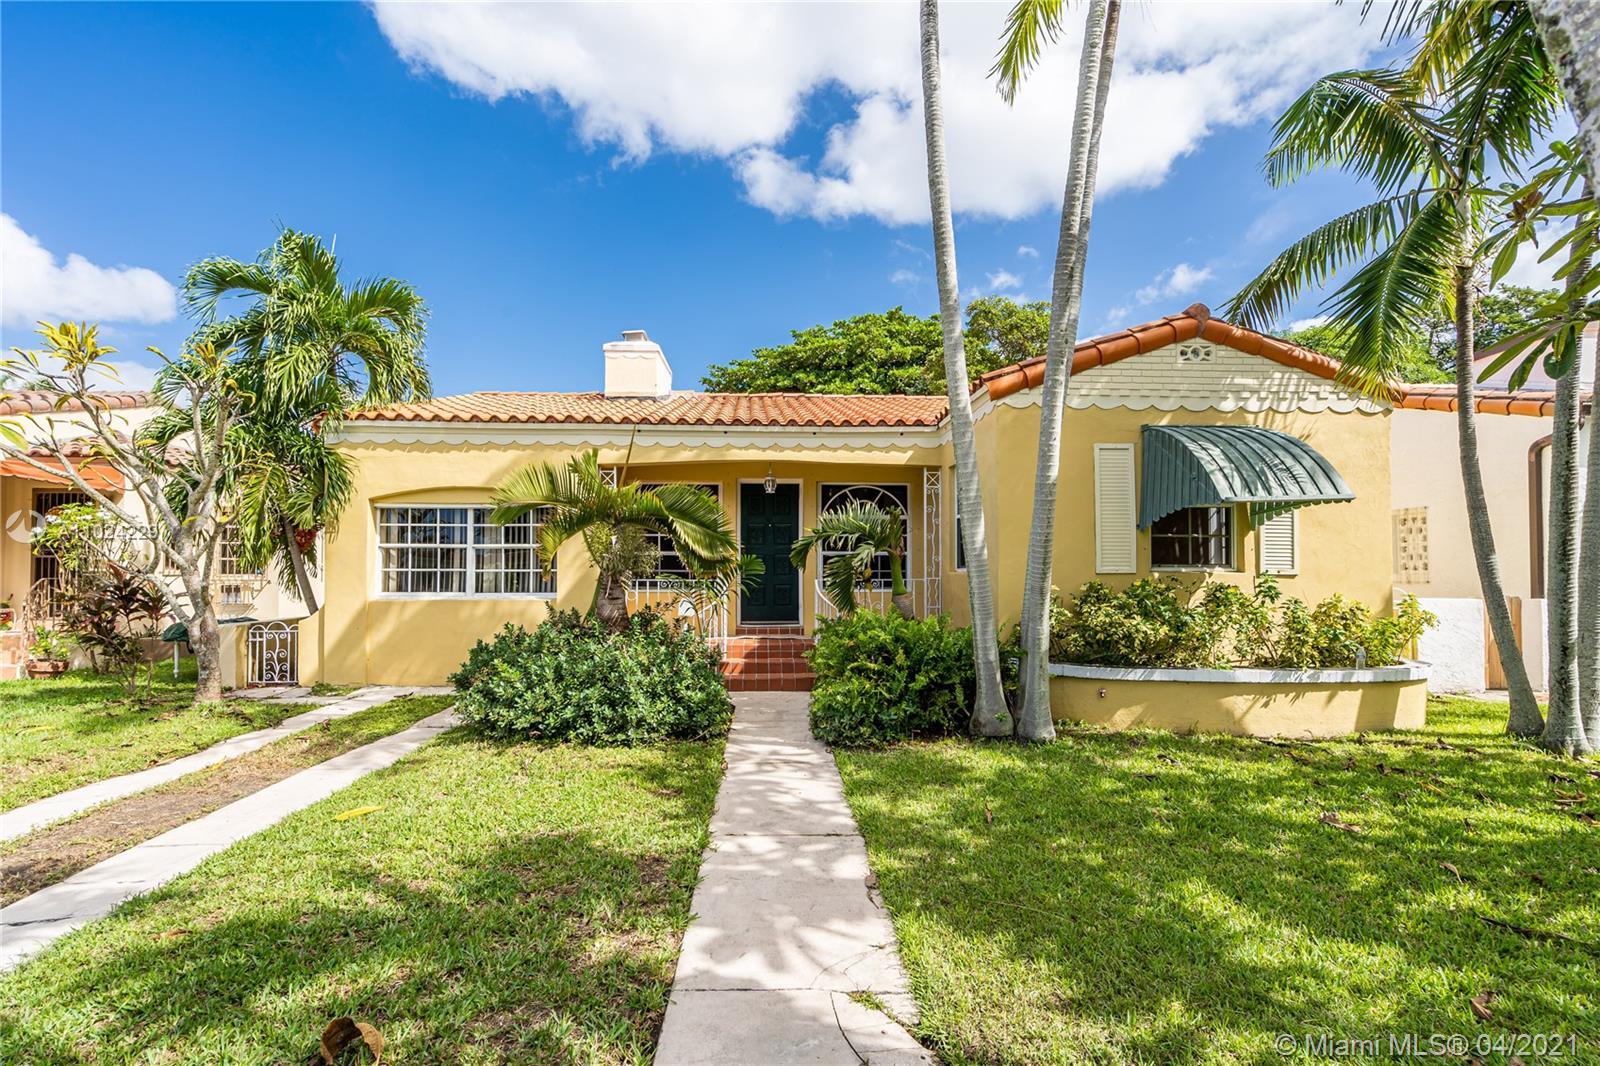 Brickell Estates - 435 SW 30th Rd, Miami, FL 33129